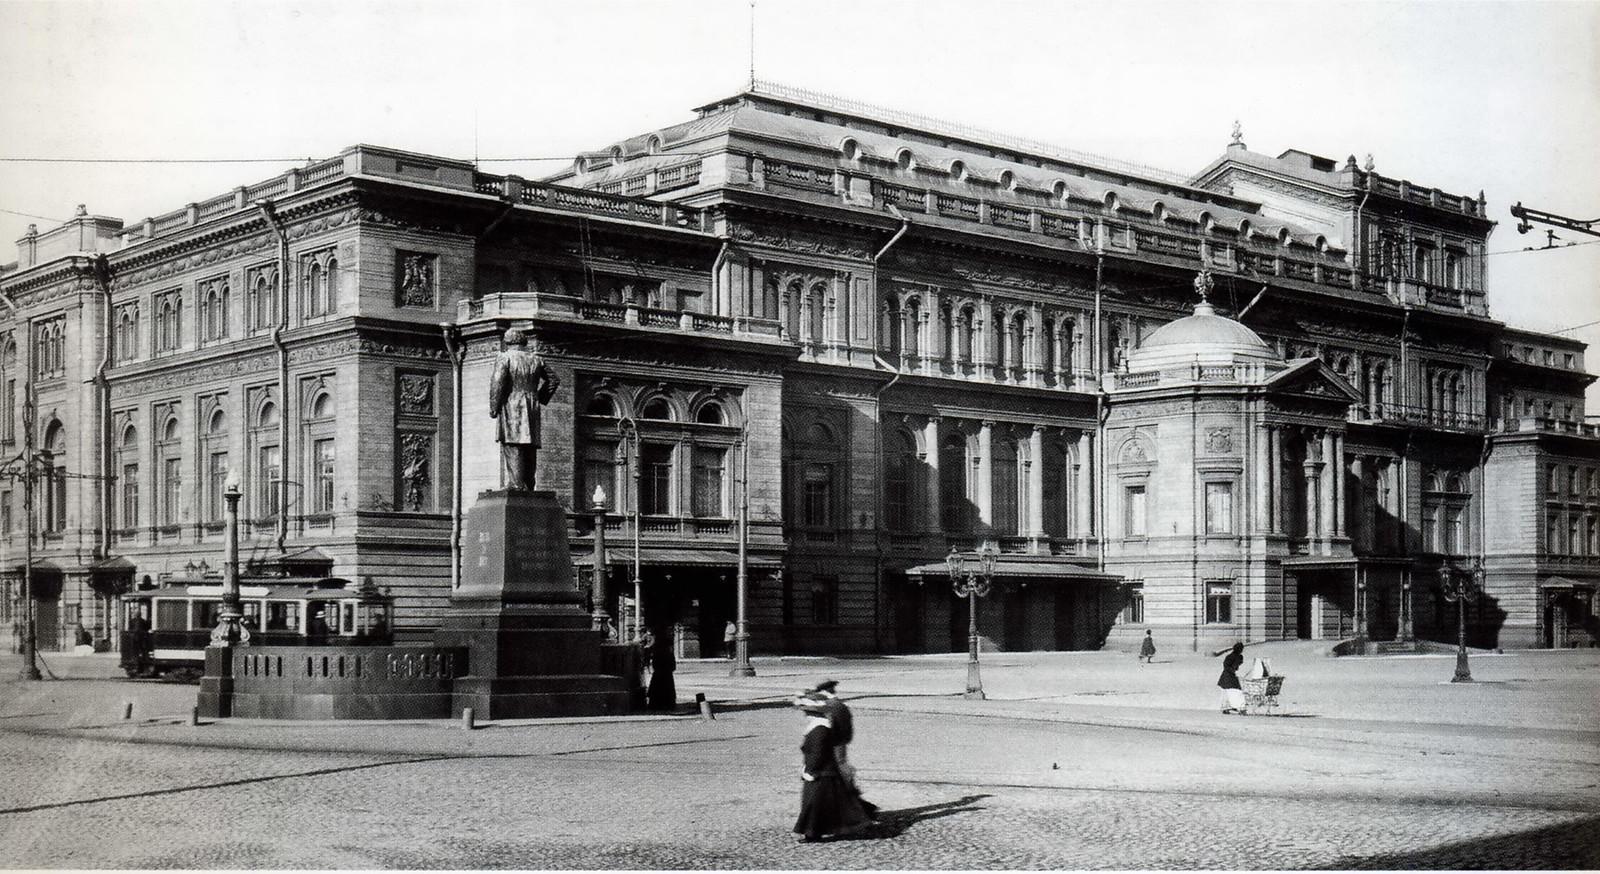 Здание Санкт-Петербургской консерватории и памятник М.И.Глинке  на Театральной площади